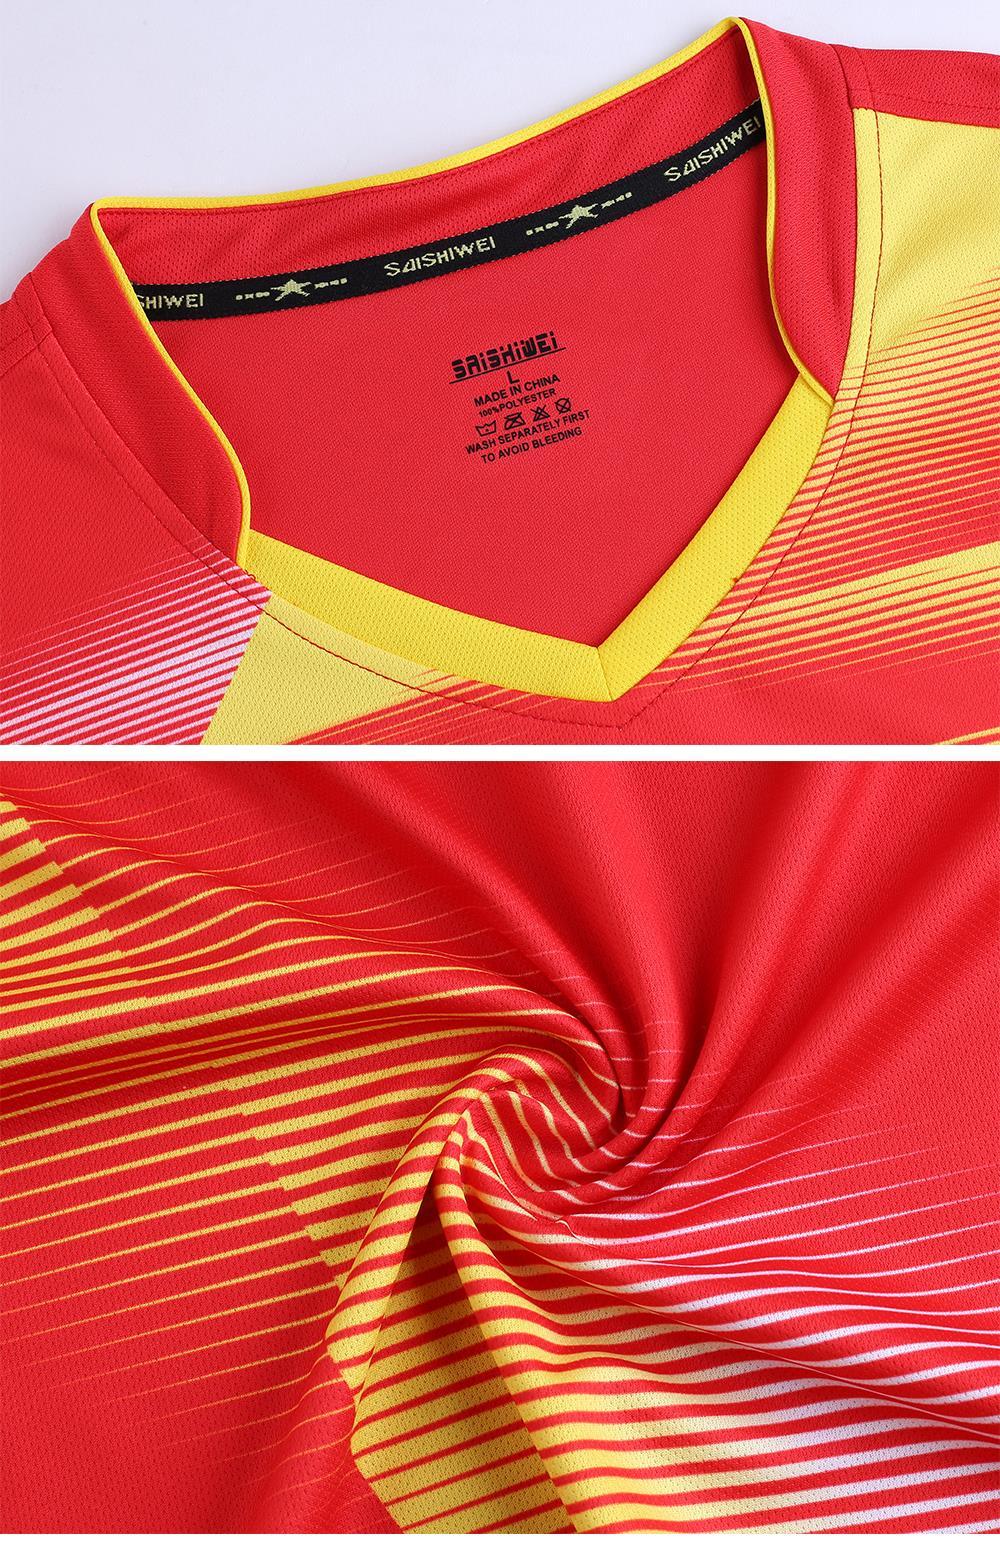 sports clothes Tennis suit, table tennis clothes, badminton wear 4